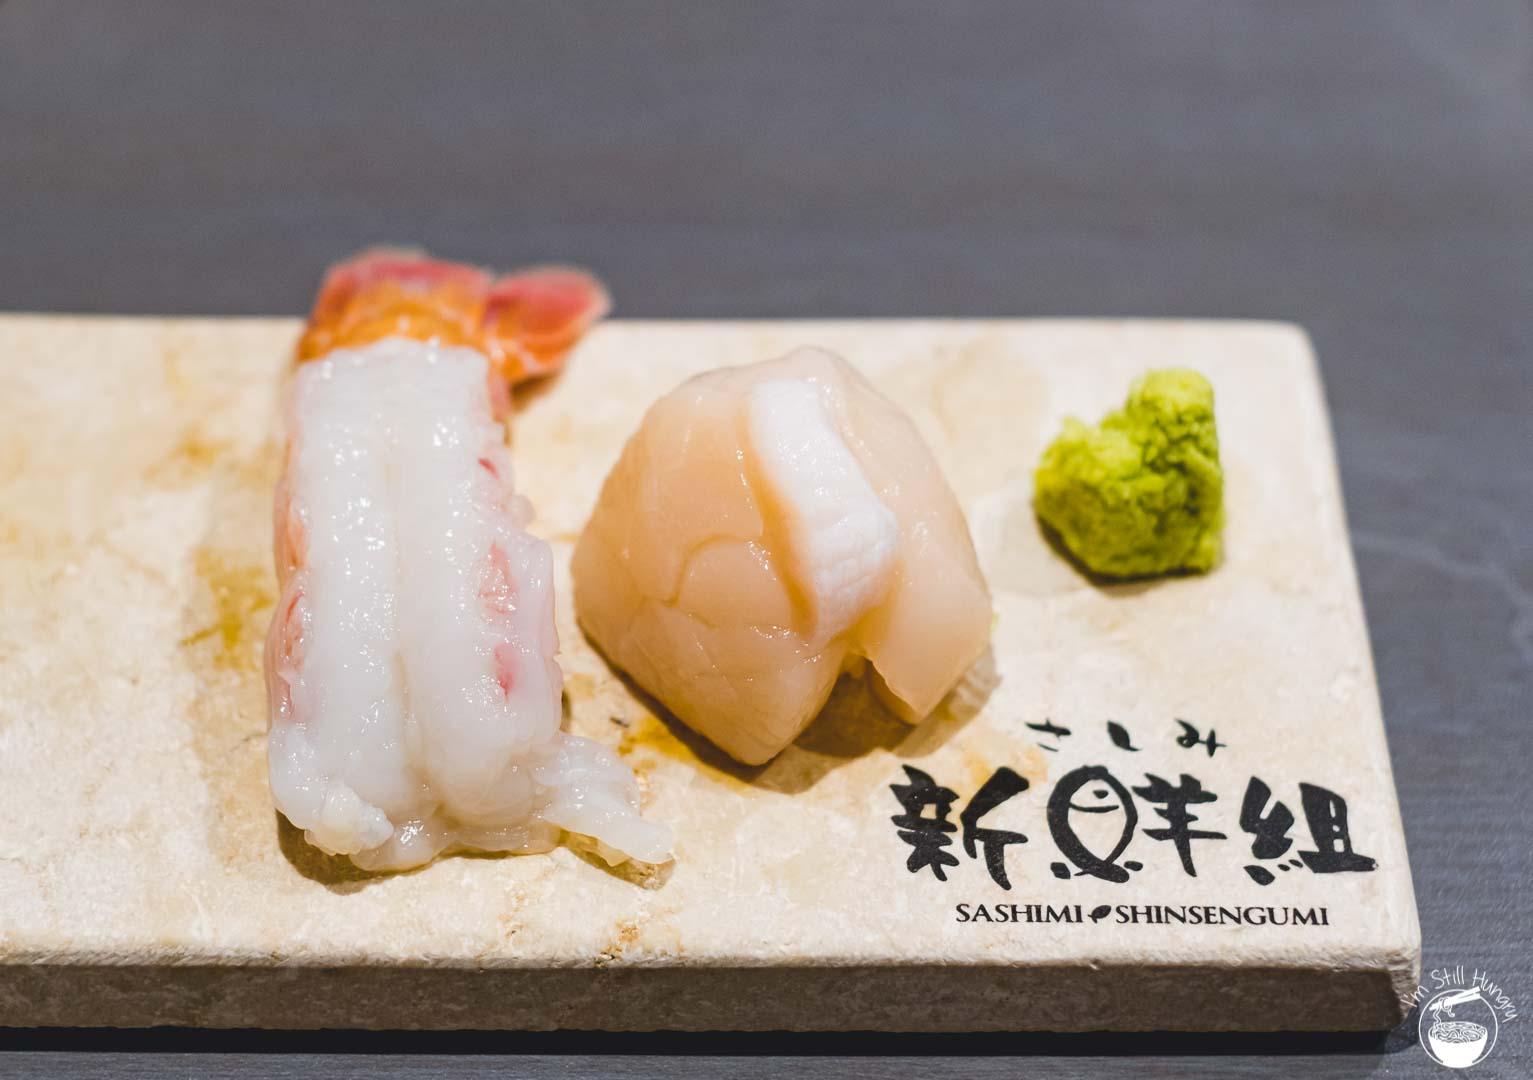 Sashimi Shinsengumi Crows Nest Sushi Omakase Scampi & scallop